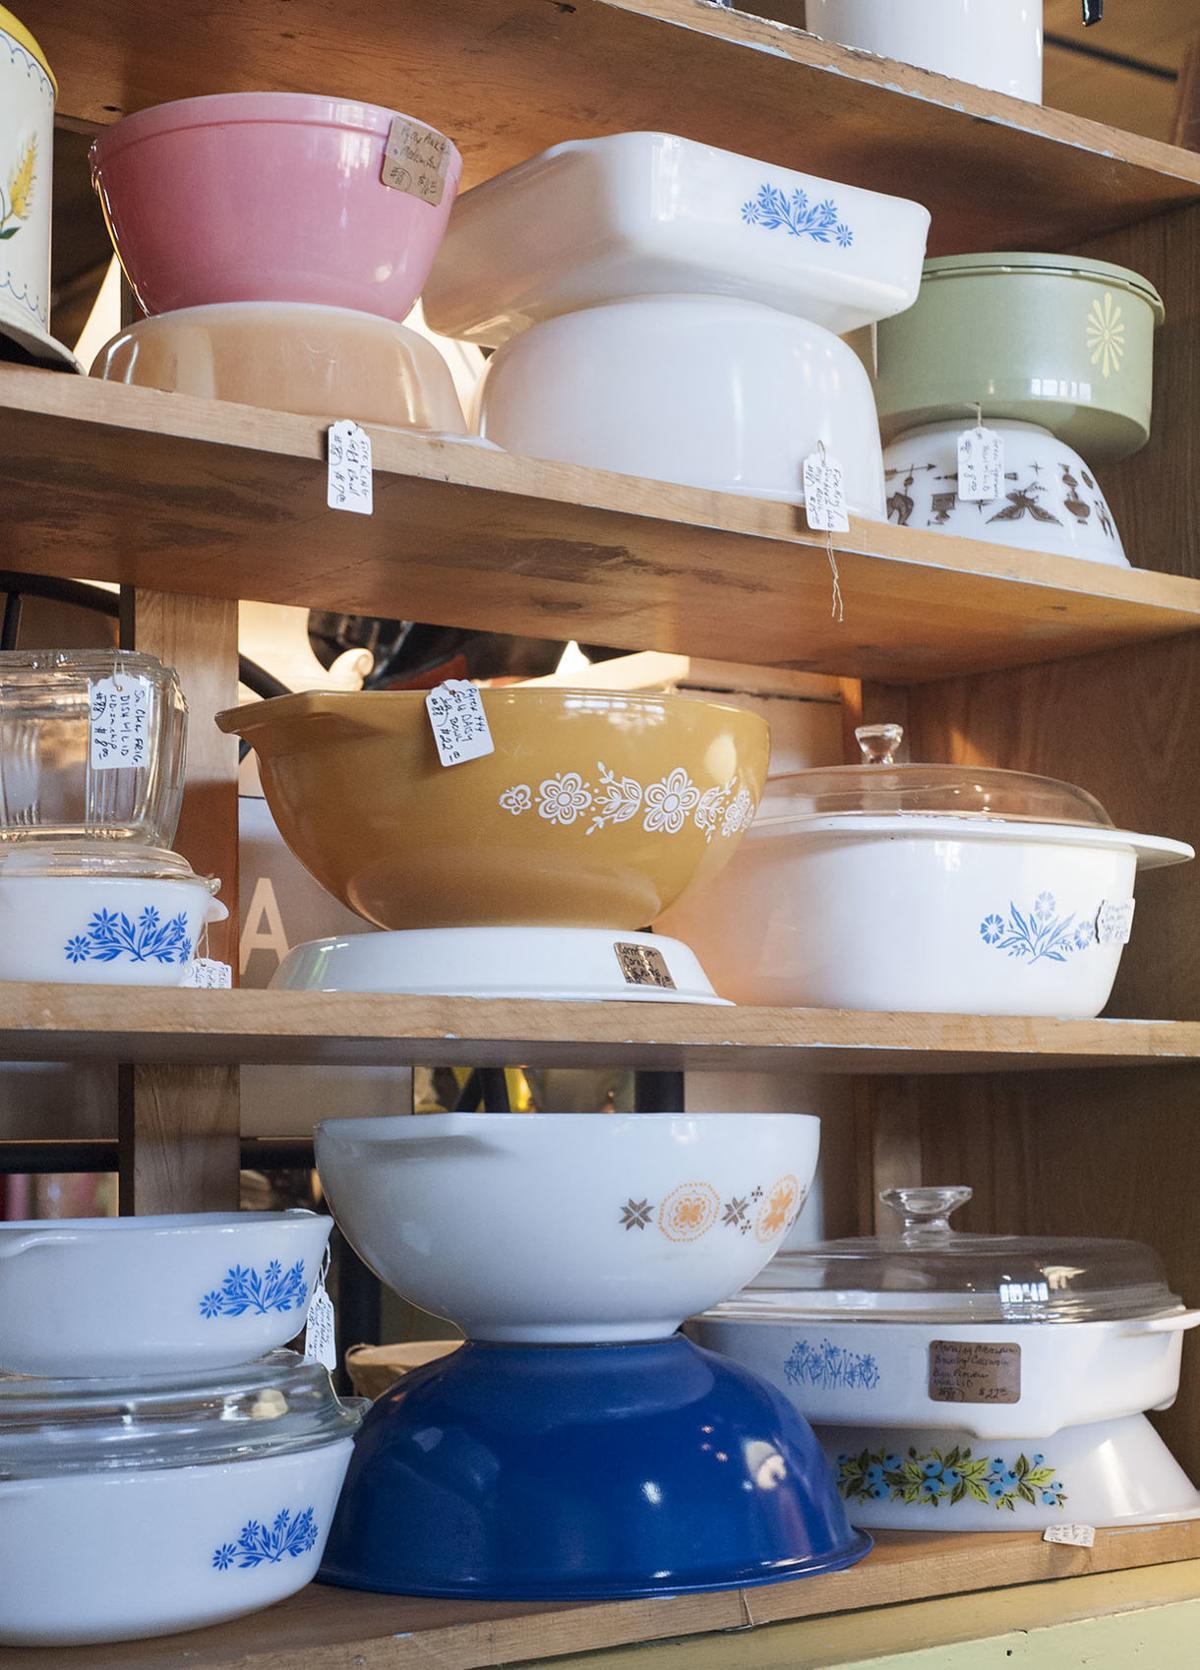 Vintage kitchenware - Gladewater Businesses Stir Warm Memories With Vintage Kitchenware